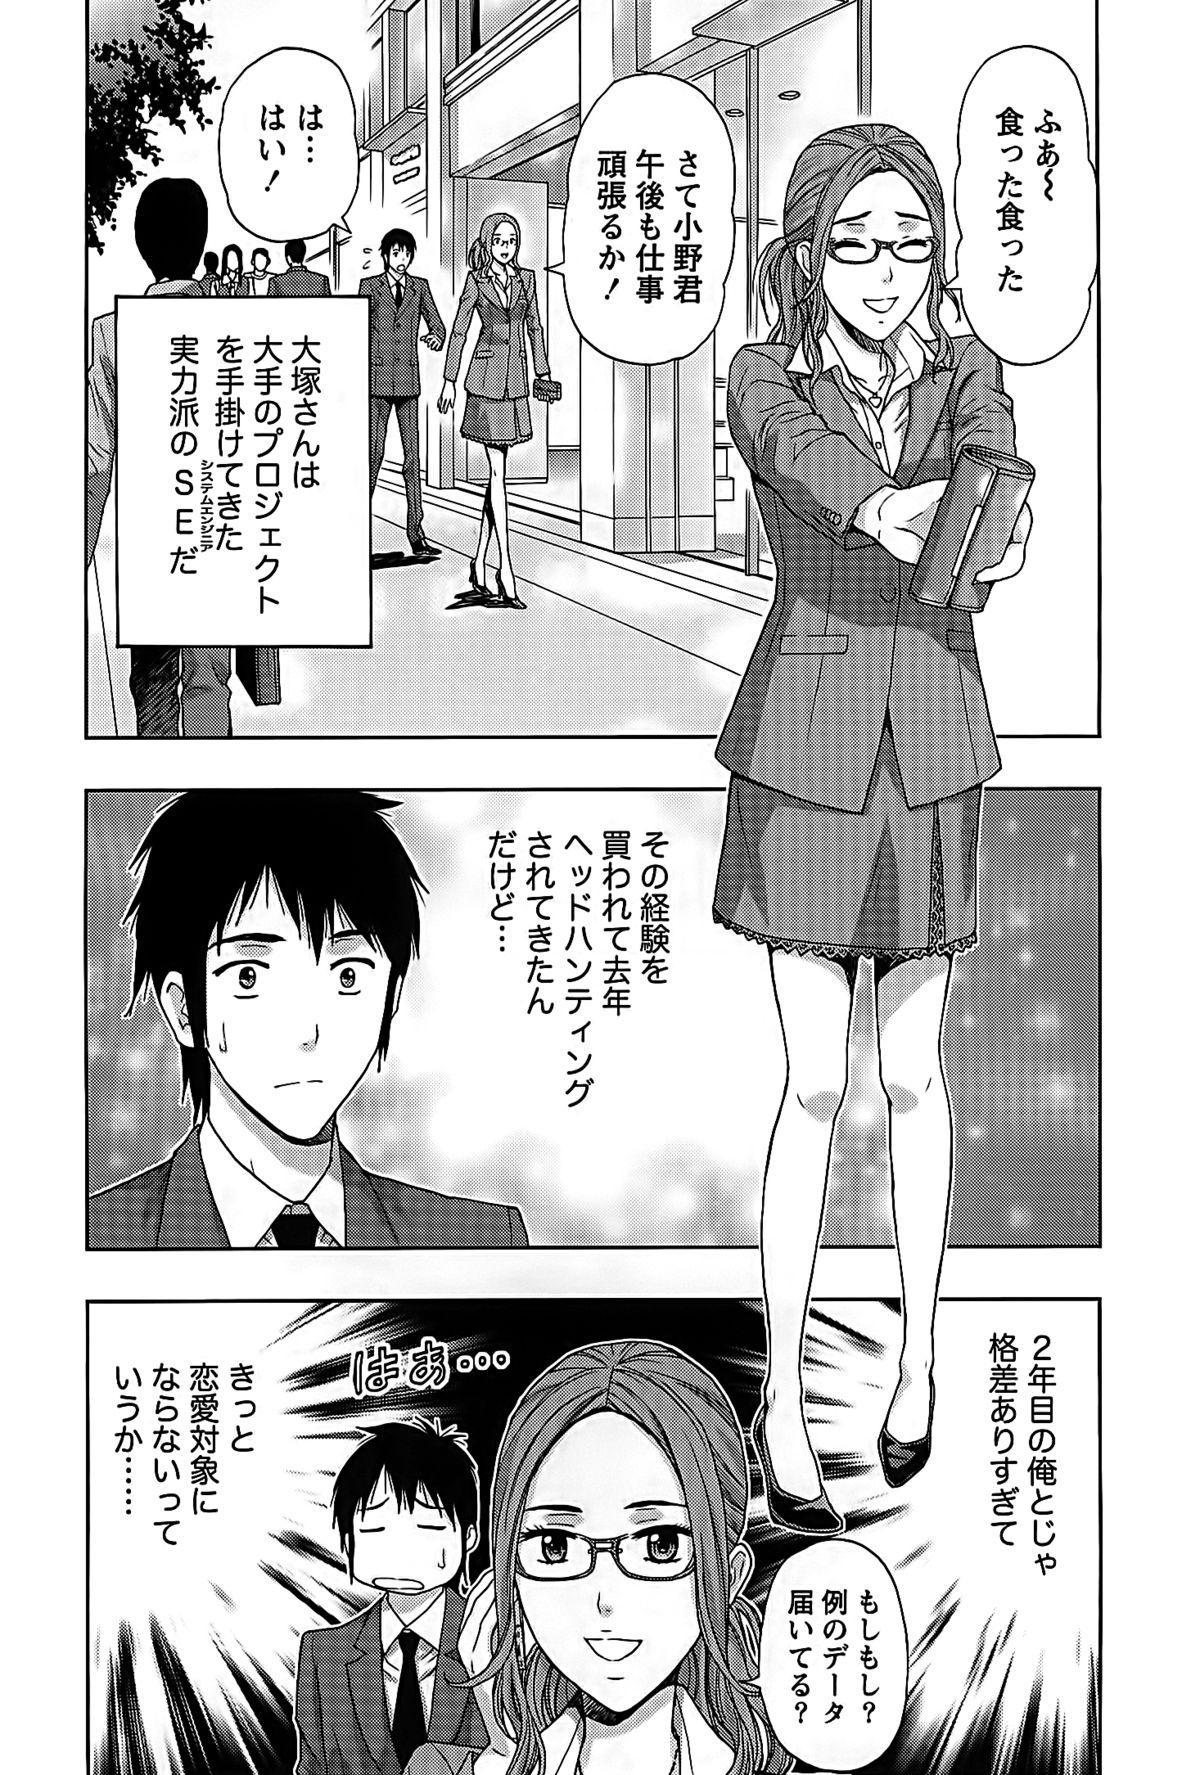 Shittori Lady to Amai Mitsu 27